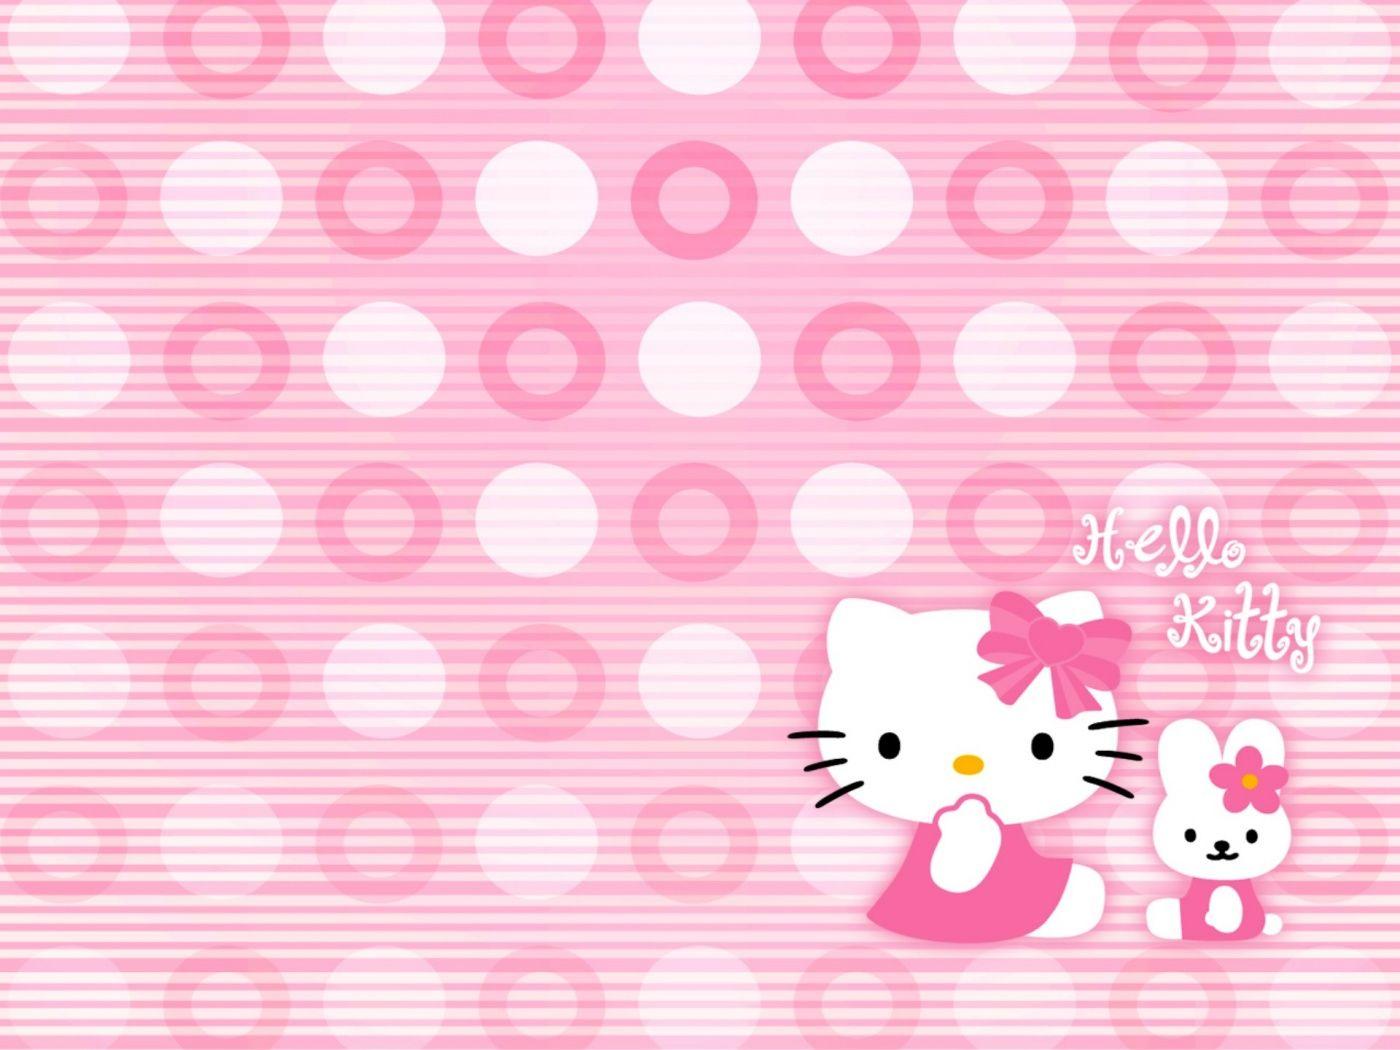 Hello Kitty Hello Kitty Wallpaper Hd Hello Kitty Wallpaper Kitty Wallpaper